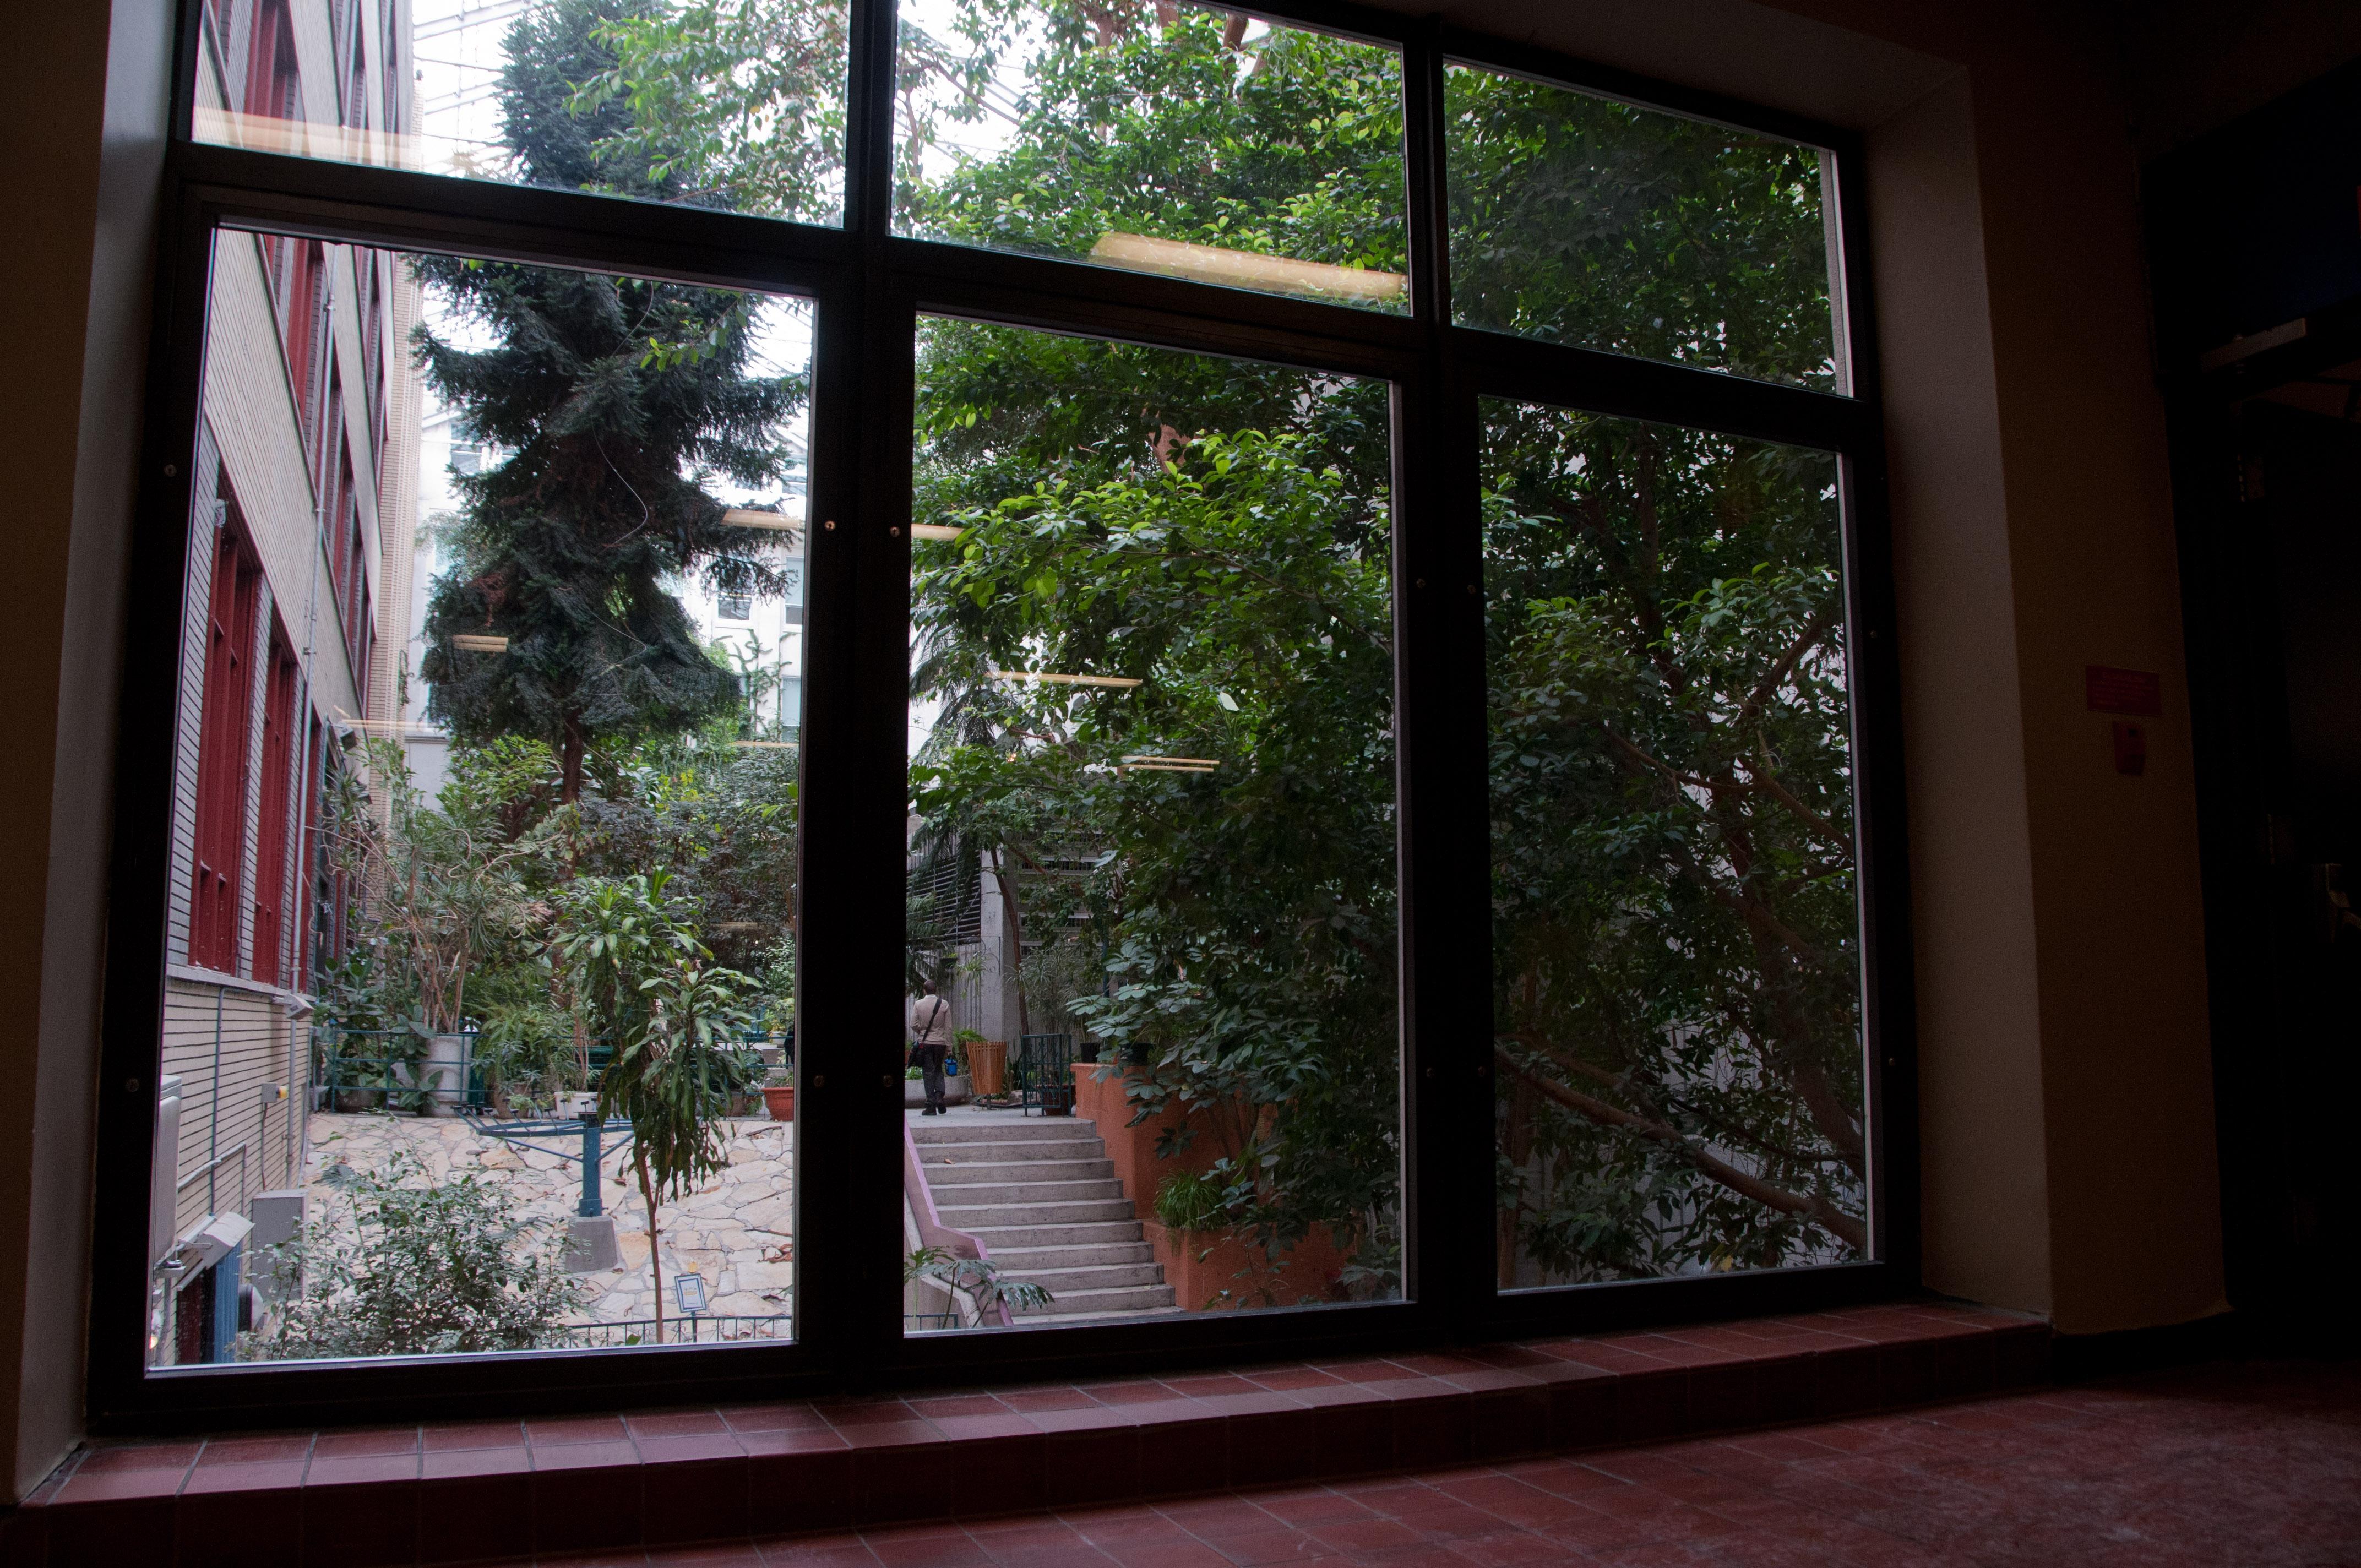 Jardin int rieur coll ge de maisonneuve for Jardin interieur